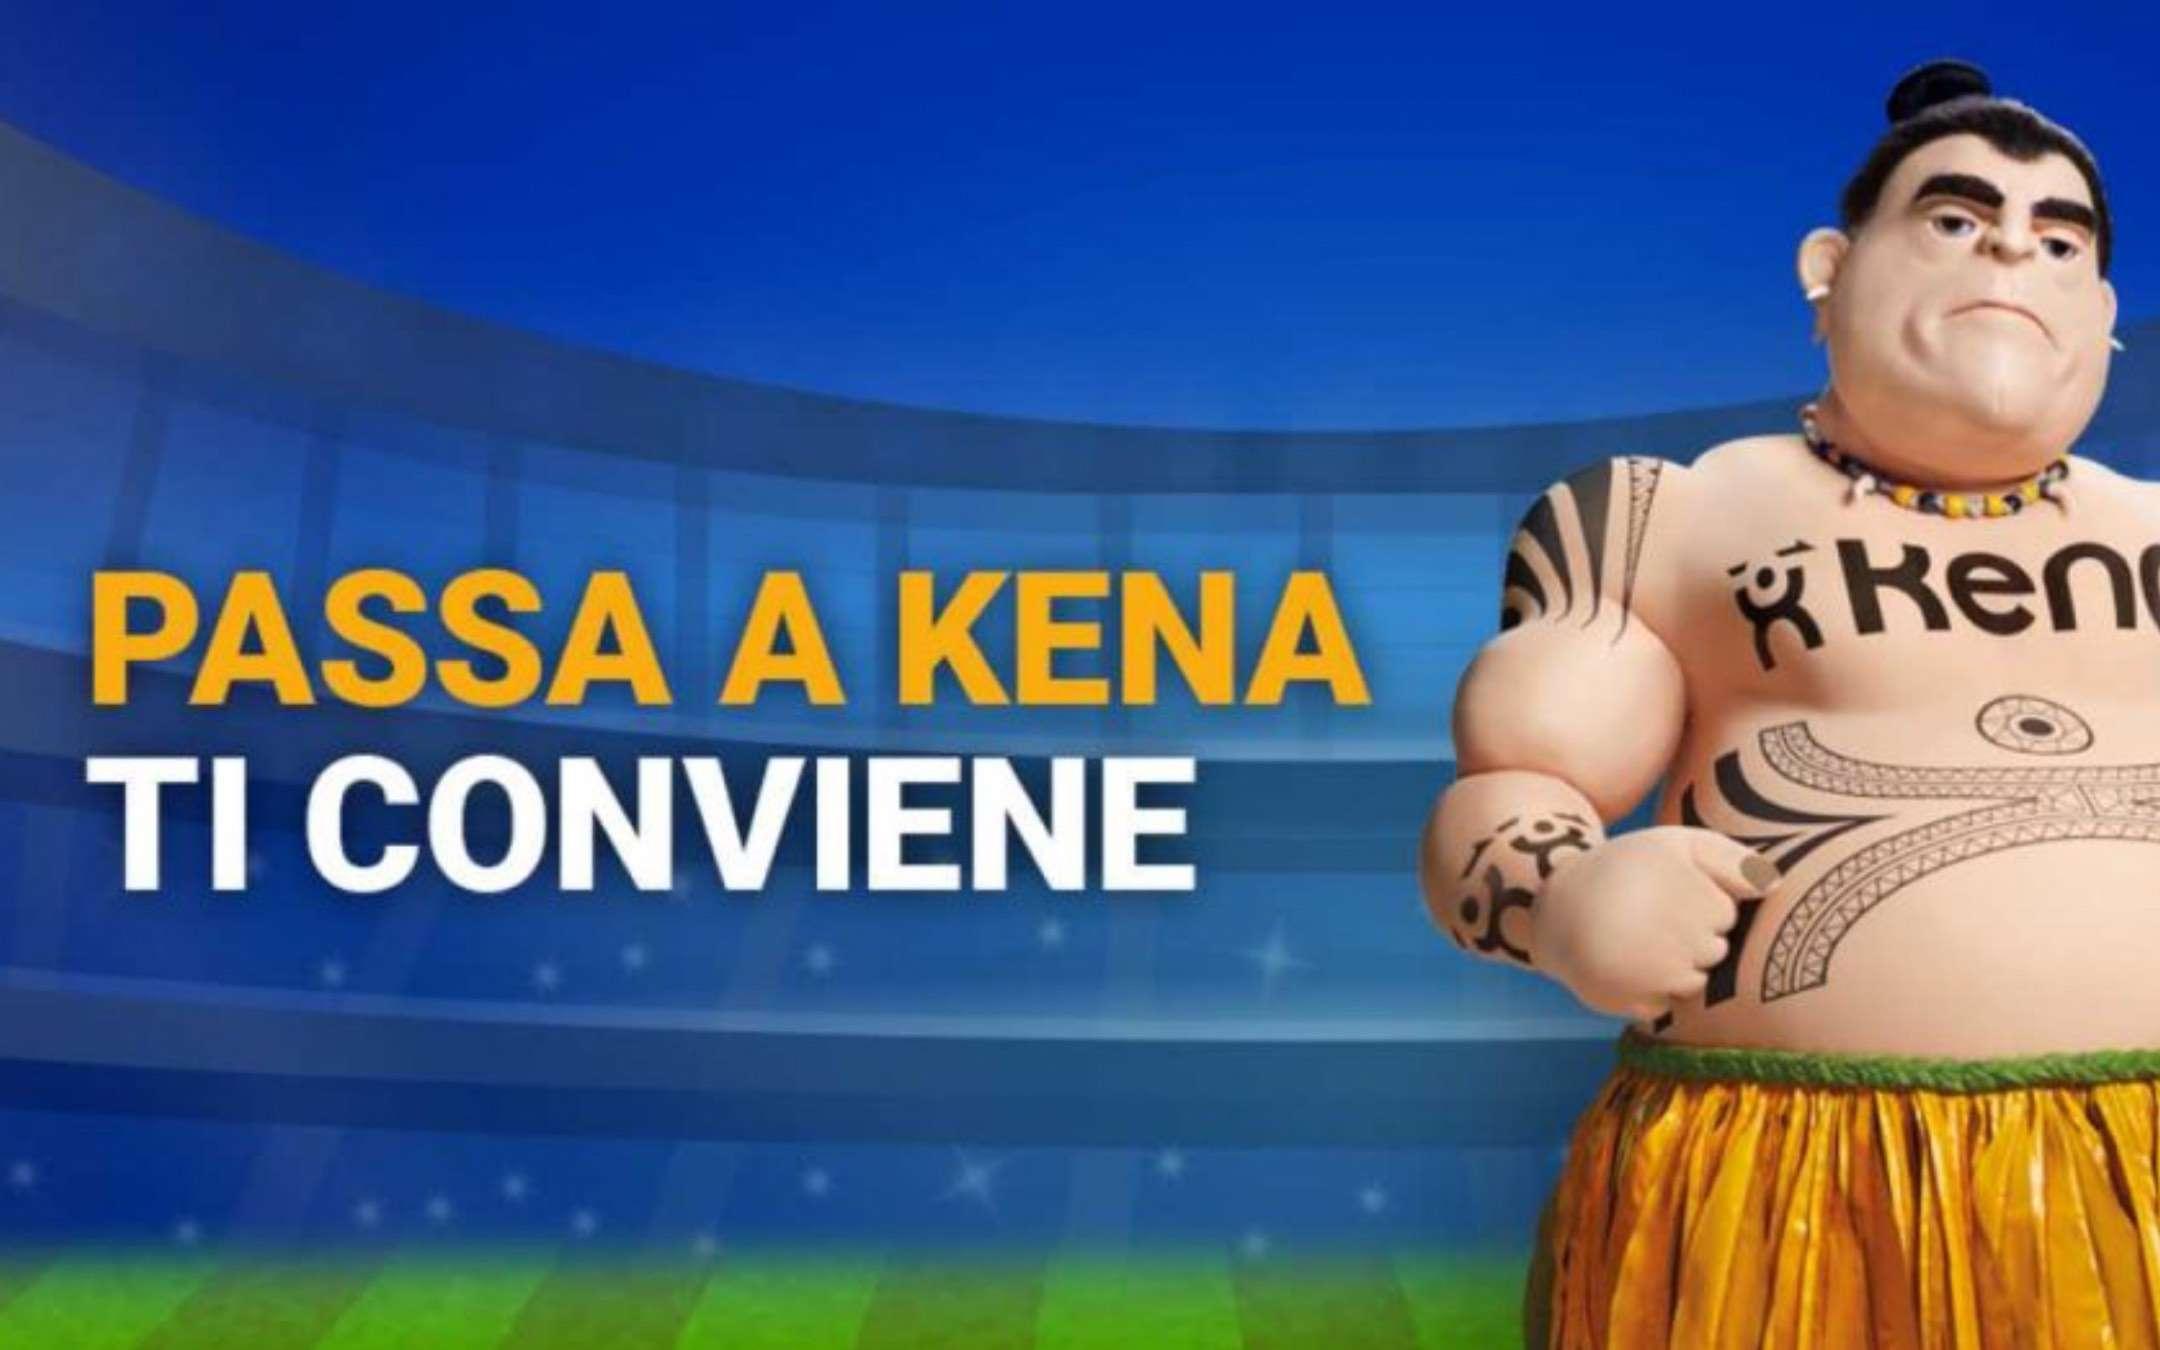 KenaMobile Super: 80GB e fino a 50€ di BONUS!